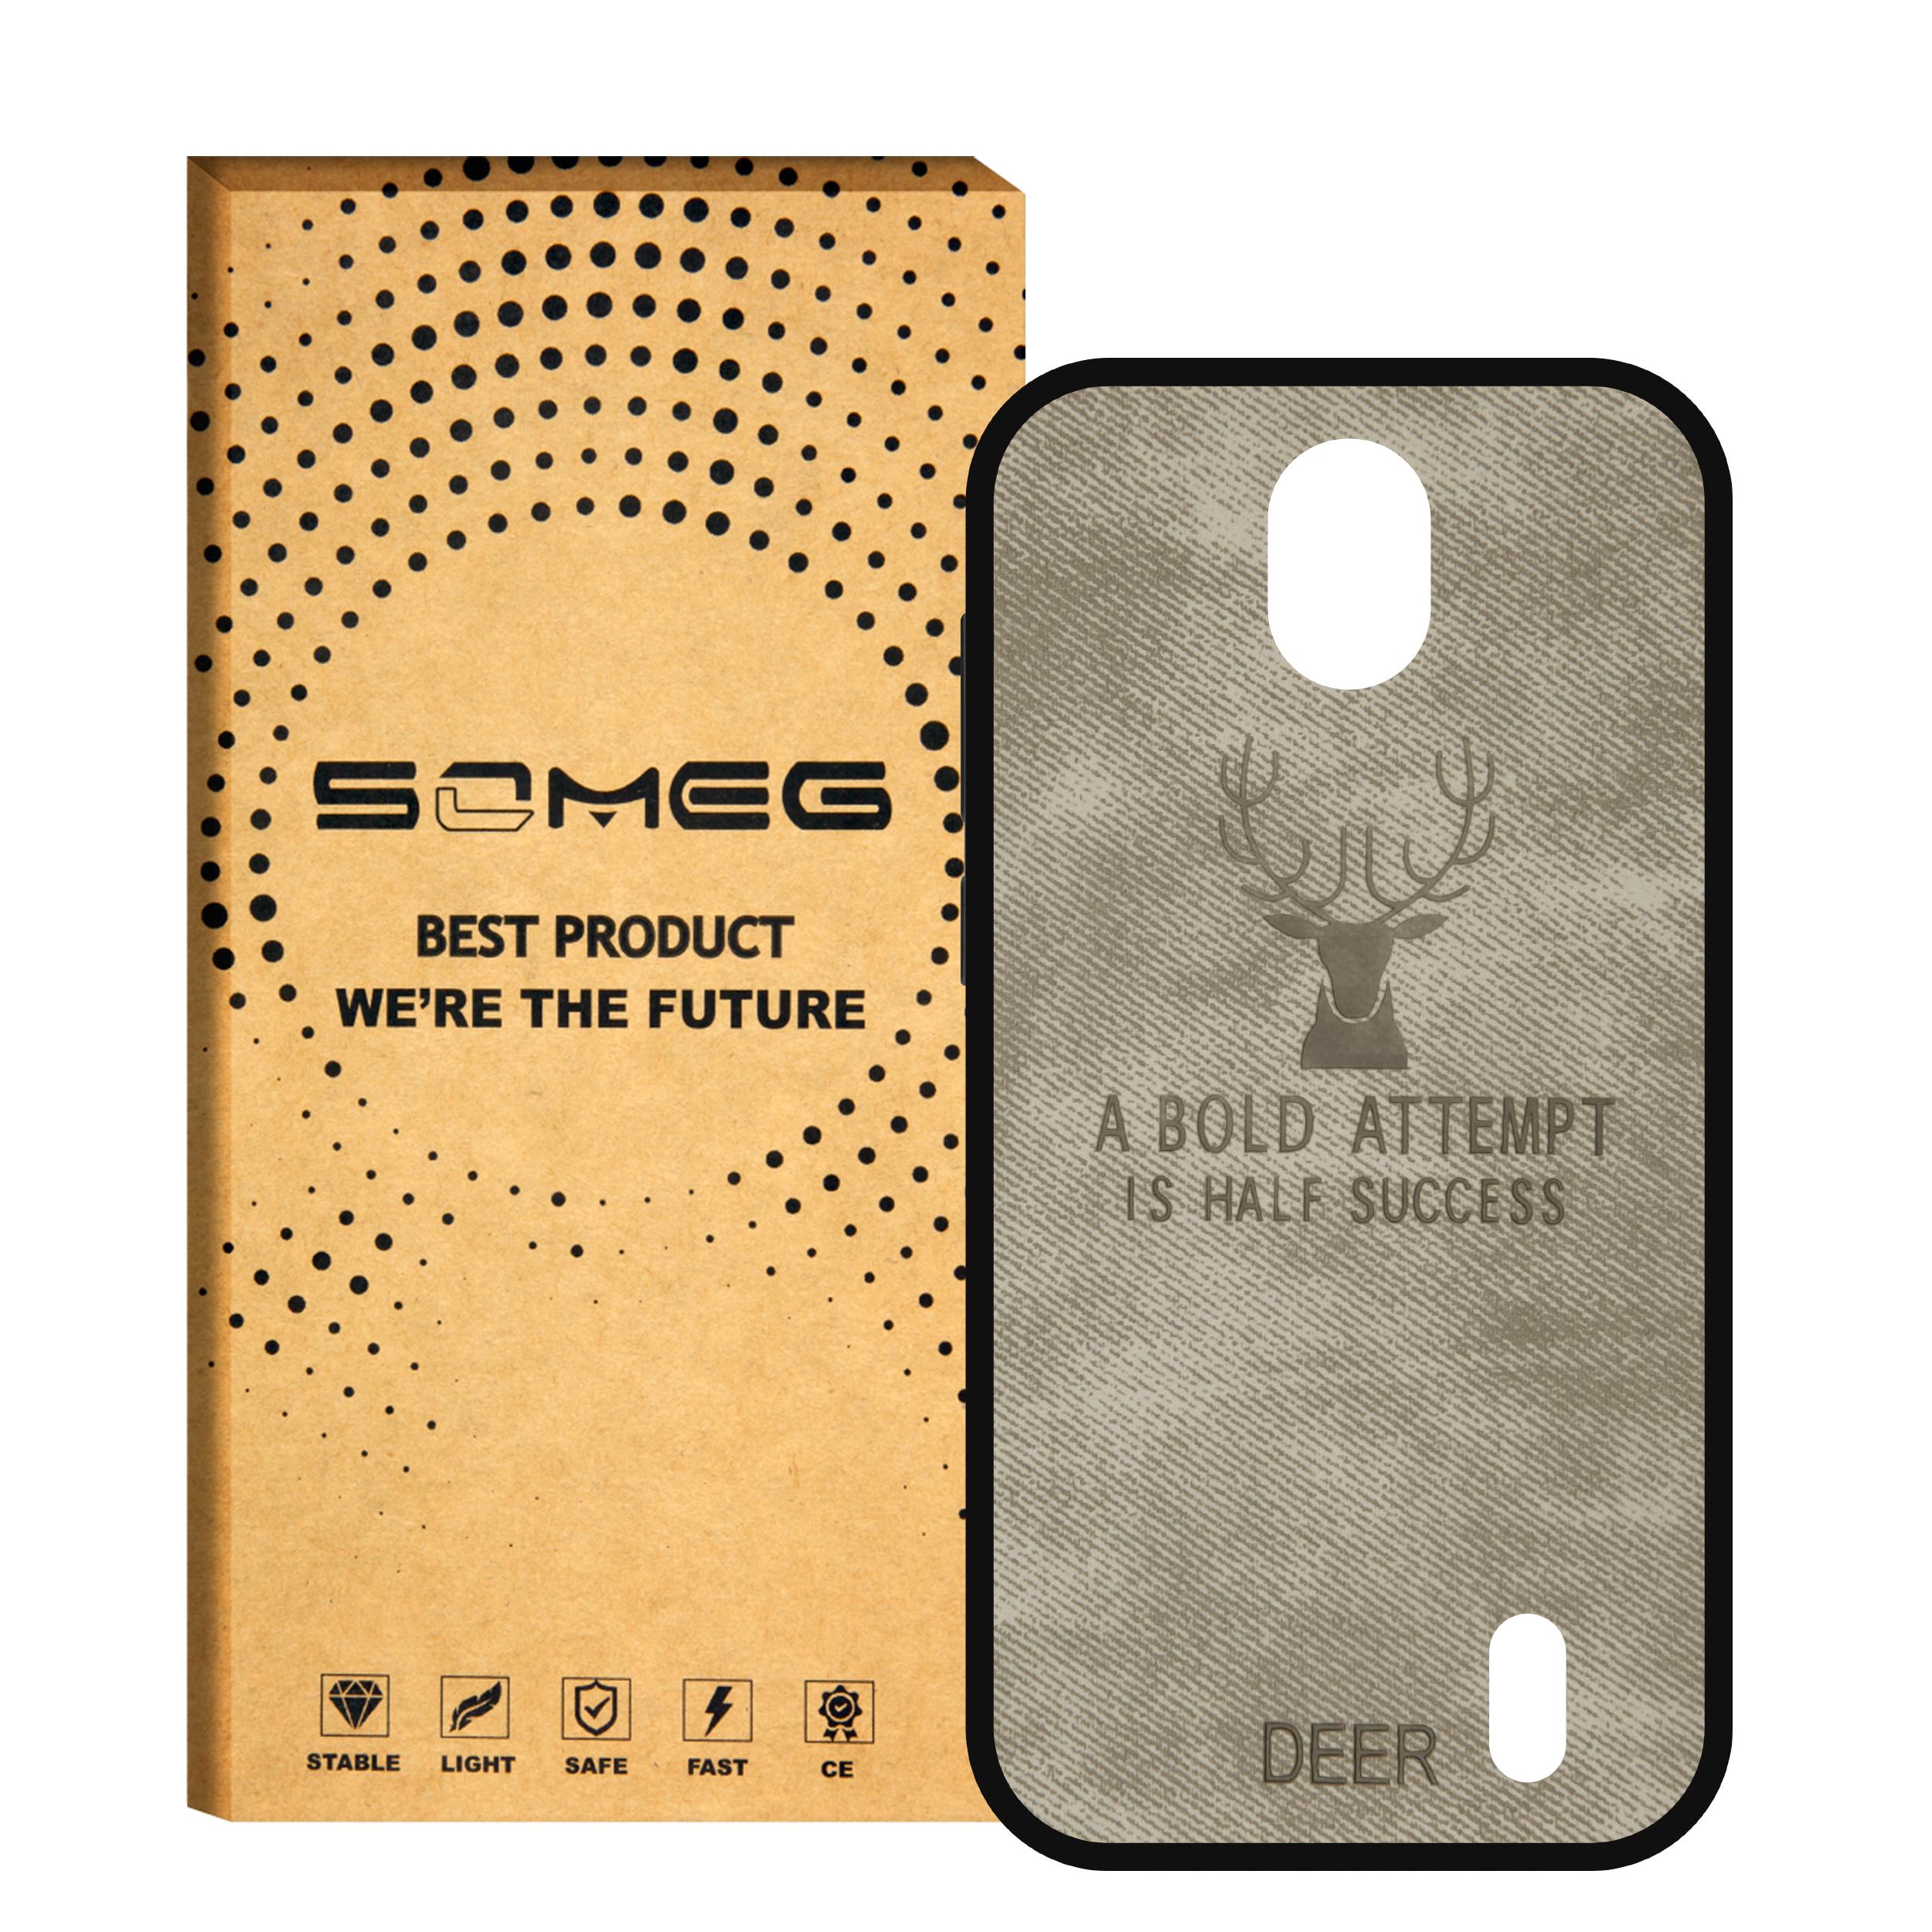 کاور سومگ مدل SMG-Der02 مناسب گوشی موبایل نوکیا 1               ( قیمت و خرید)